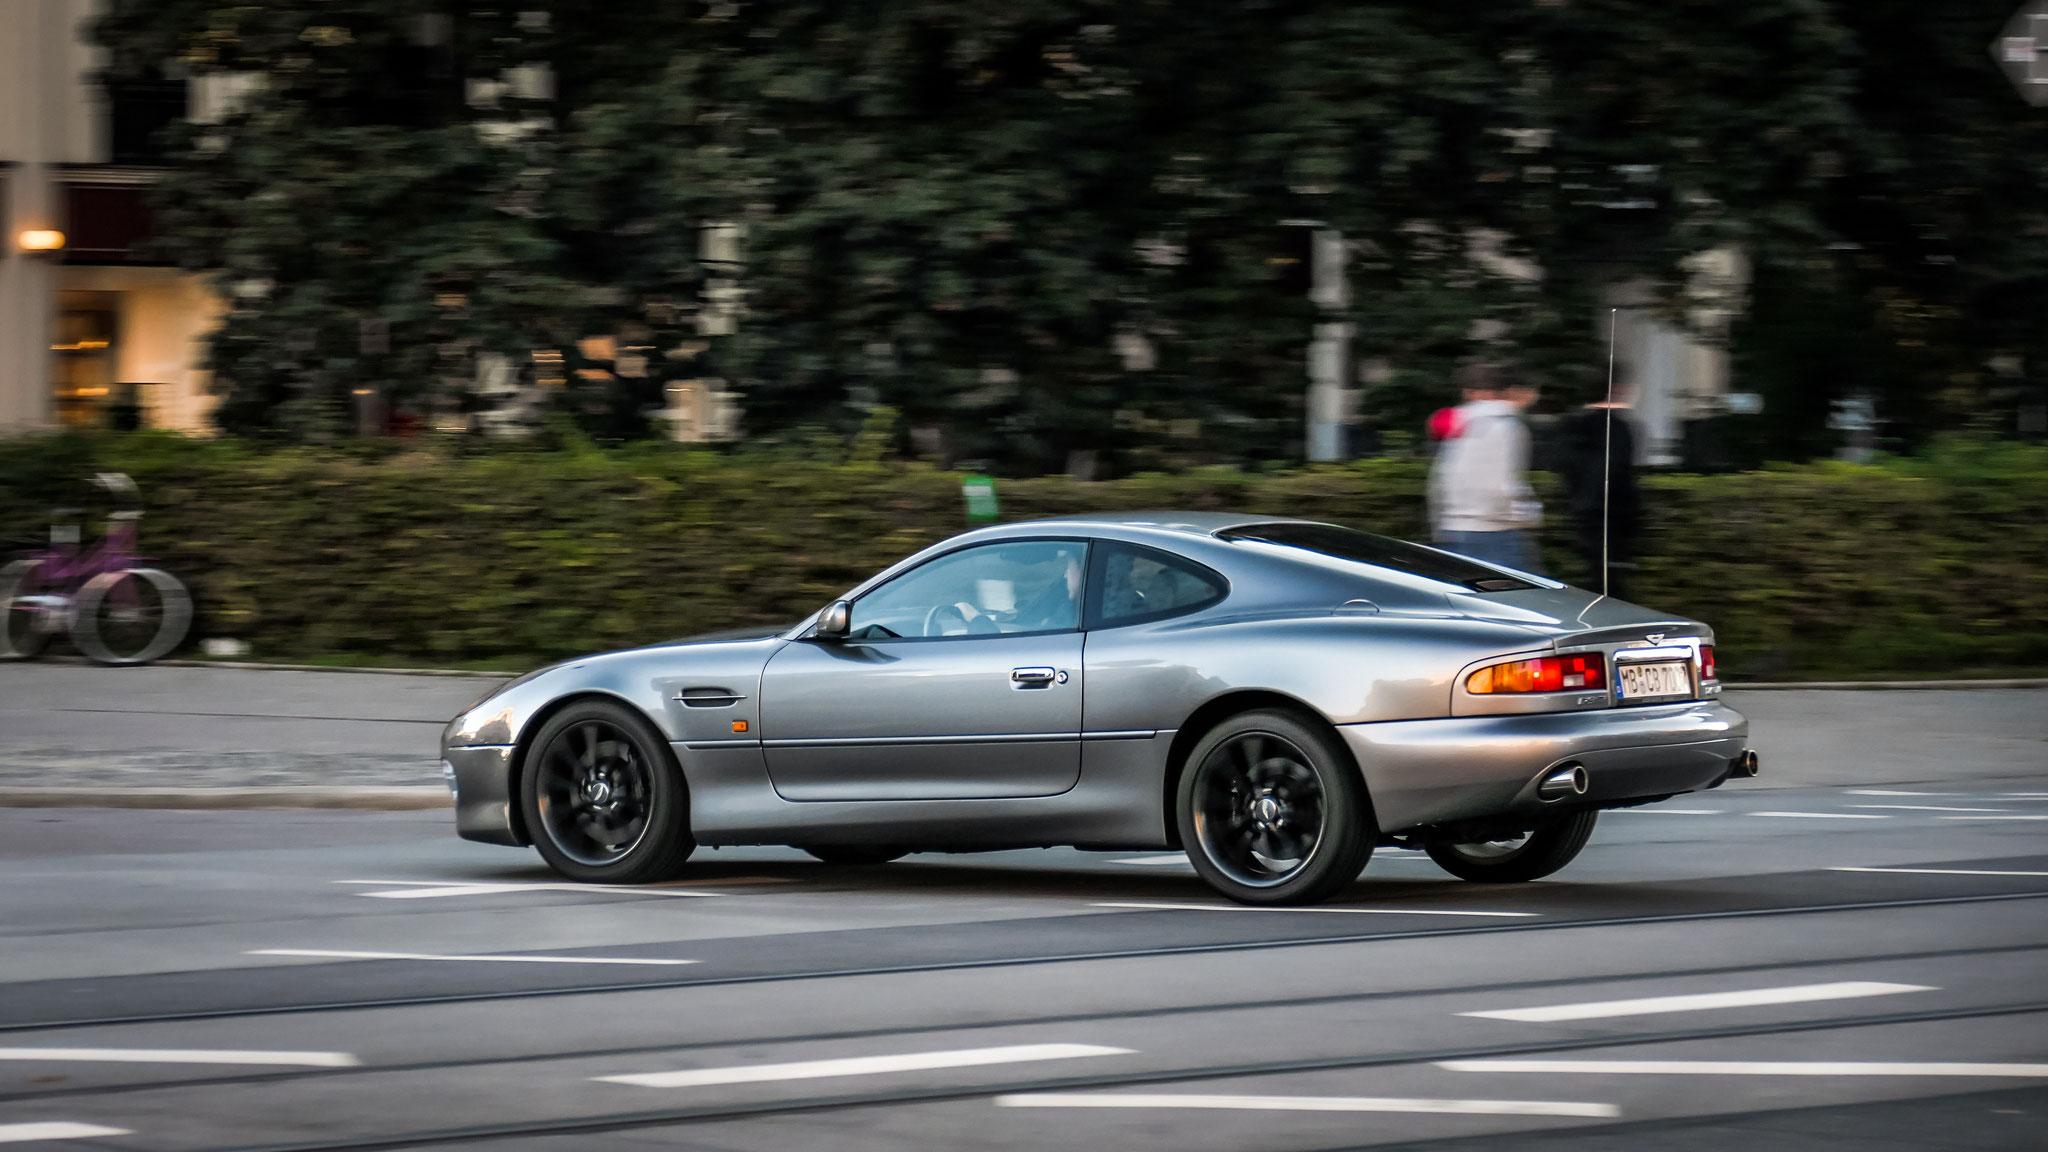 Aston Martin DB7 - MB-CB-7007